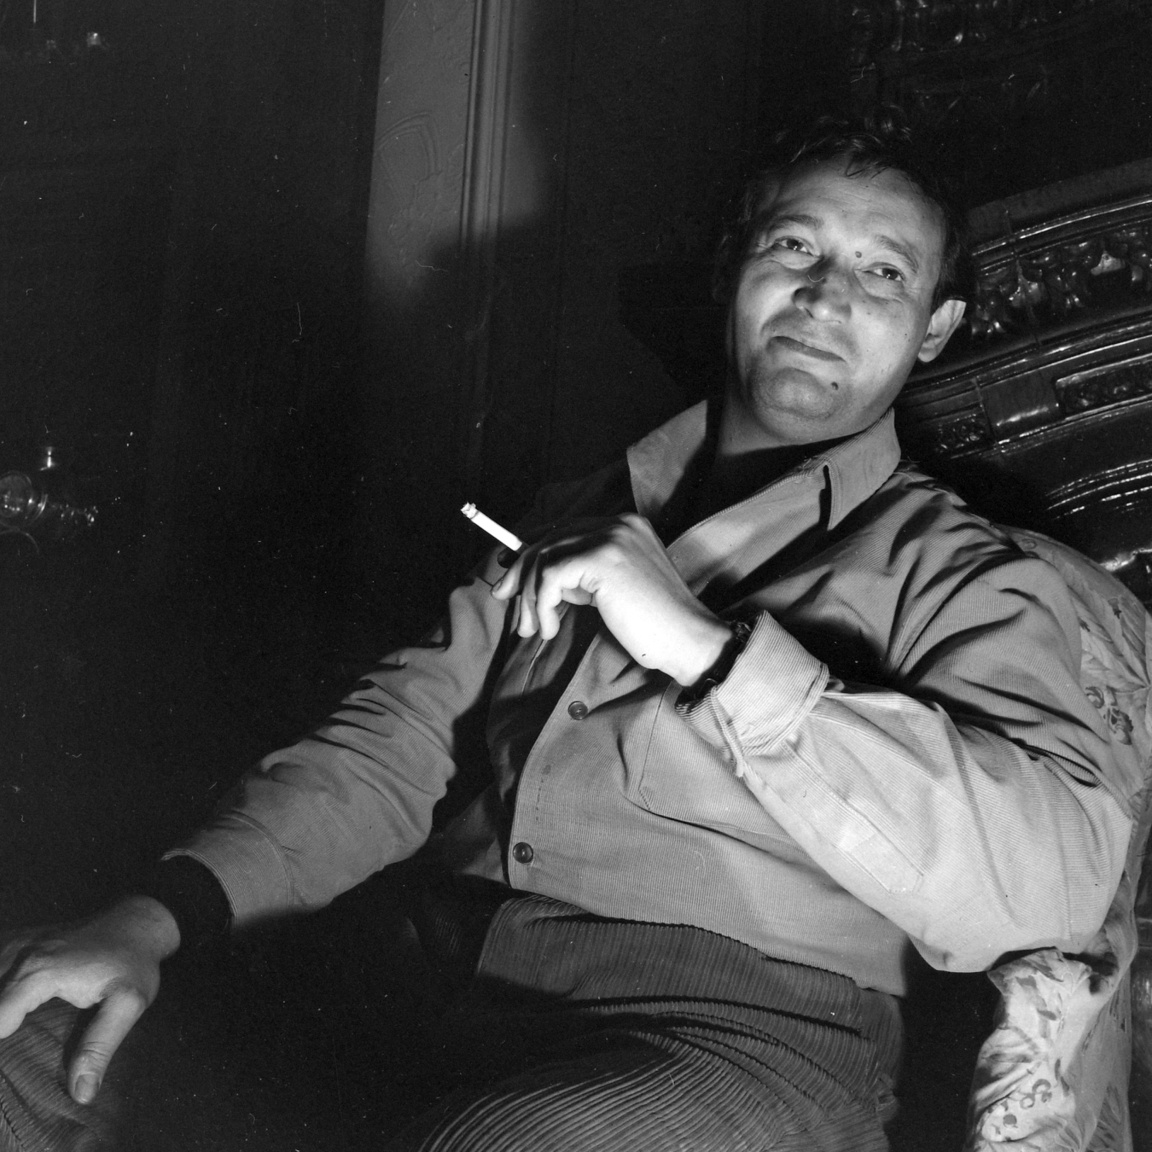 Cziffra György (1921-1994) zongoraművész Forgács lámpái előtt, franciaországi otthonában. Tragédiák és sikerek hullámzásából álló életét Ágyuk és virágok című könyvében írta le.